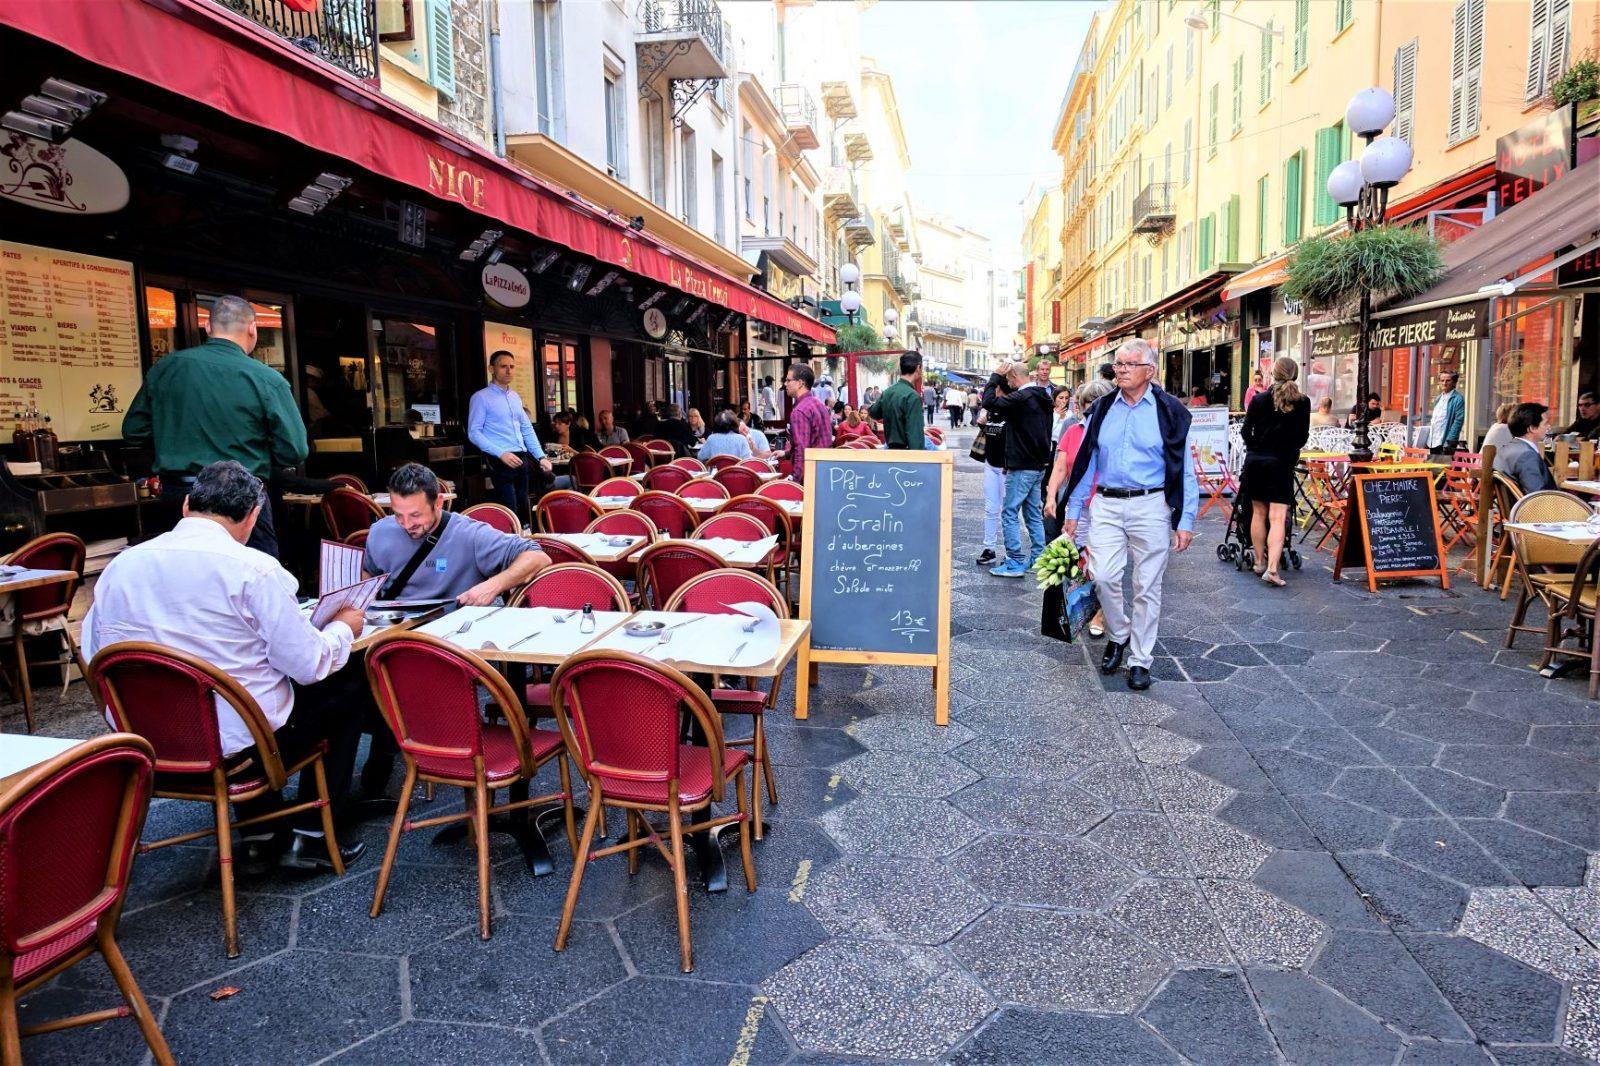 Gate i Nice en restaurant